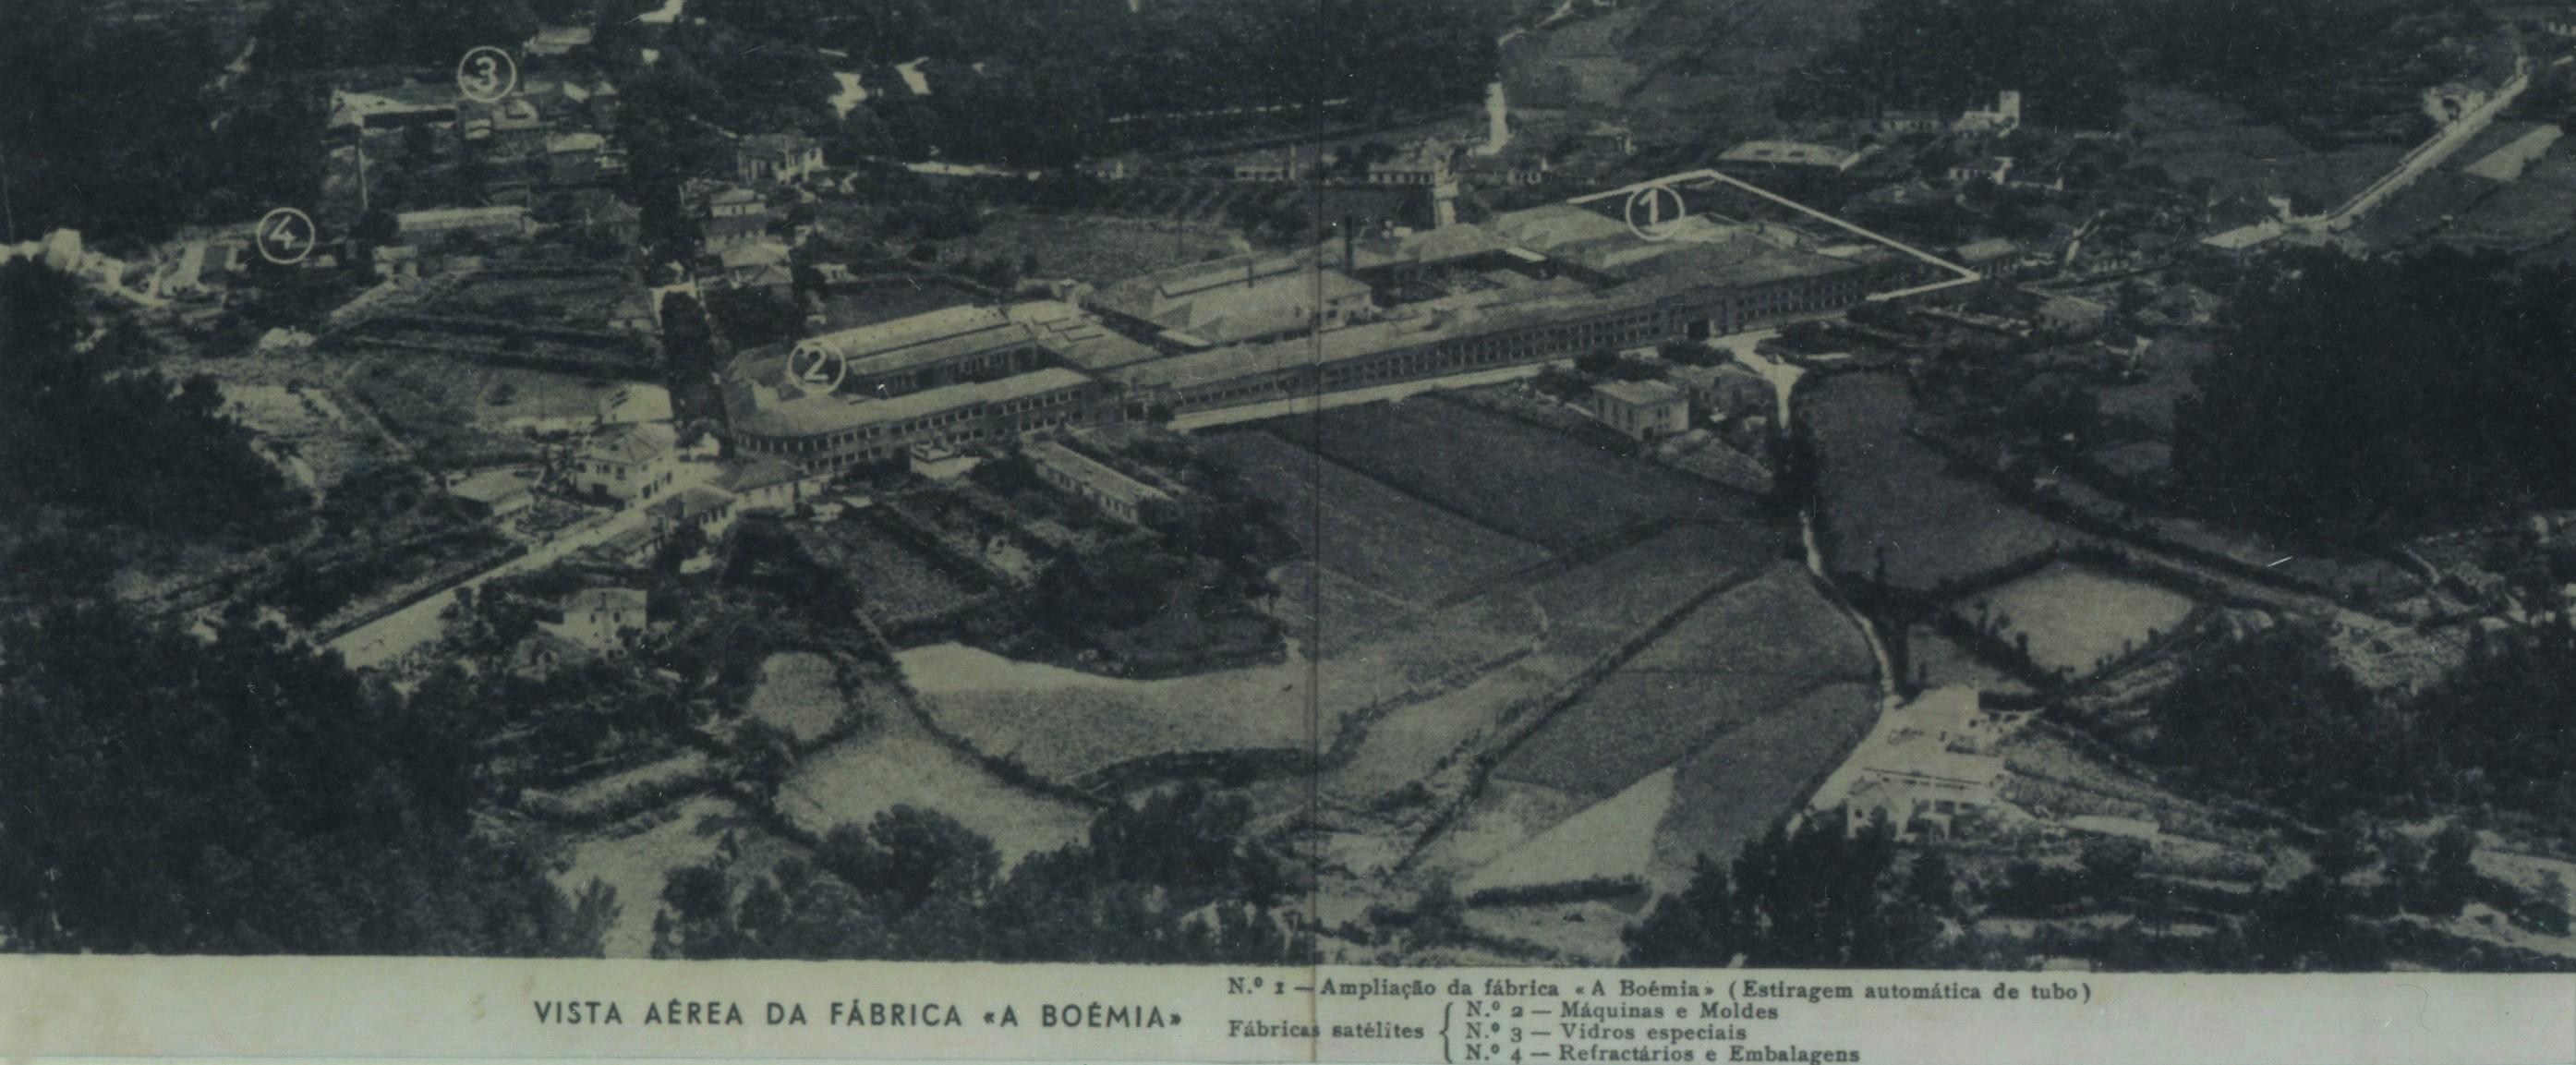 Vista aérea da fábrica de vidro «A Boémia» (1964)